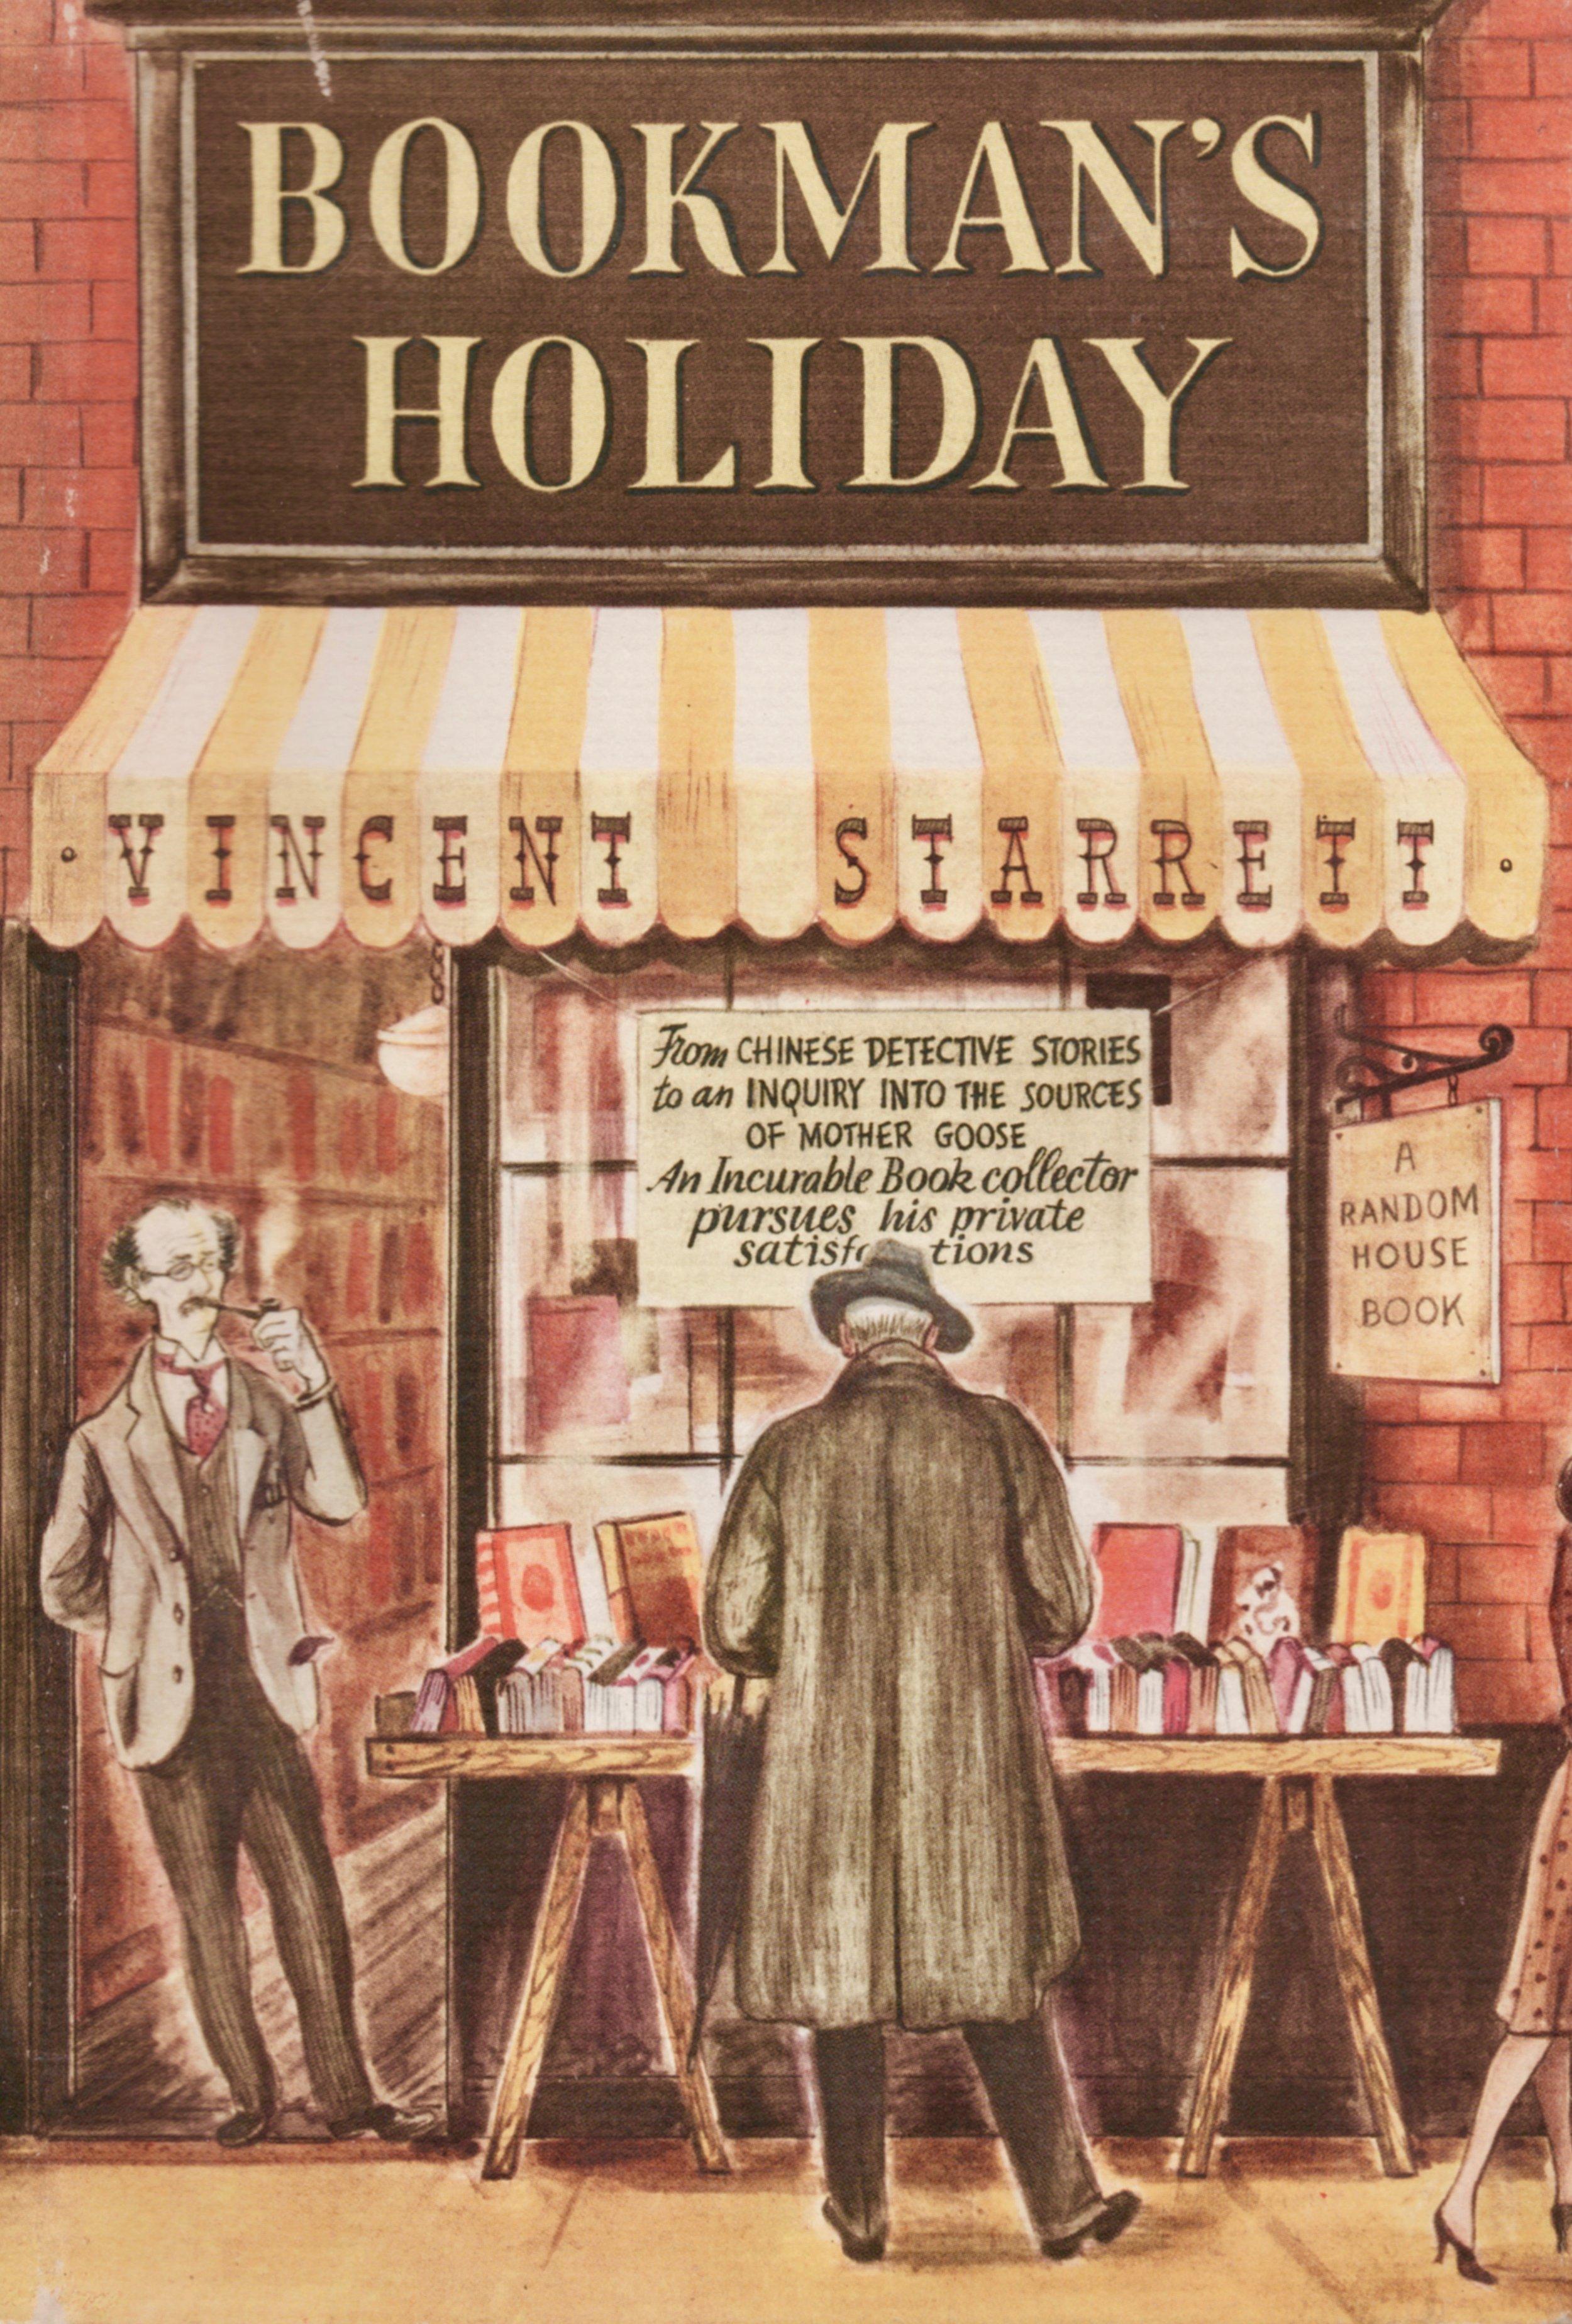 bookman's holiday dj.jpg